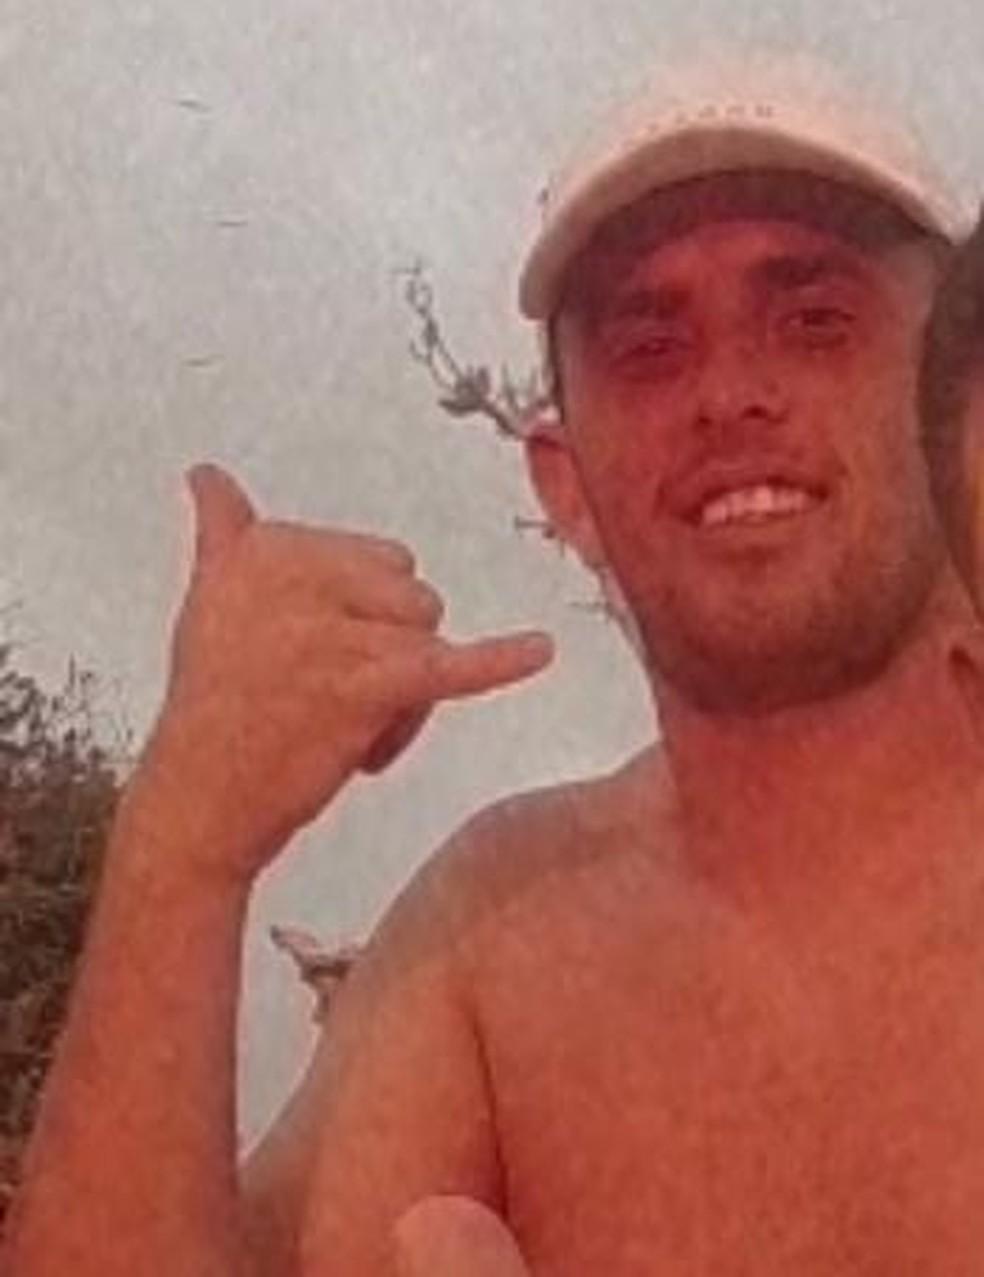 Kleber Adonay Bezerra tinha 24 anos de idade e morreu em acidente em Ponta Negra, em Natal — Foto: Arquivo pessoal/cedida